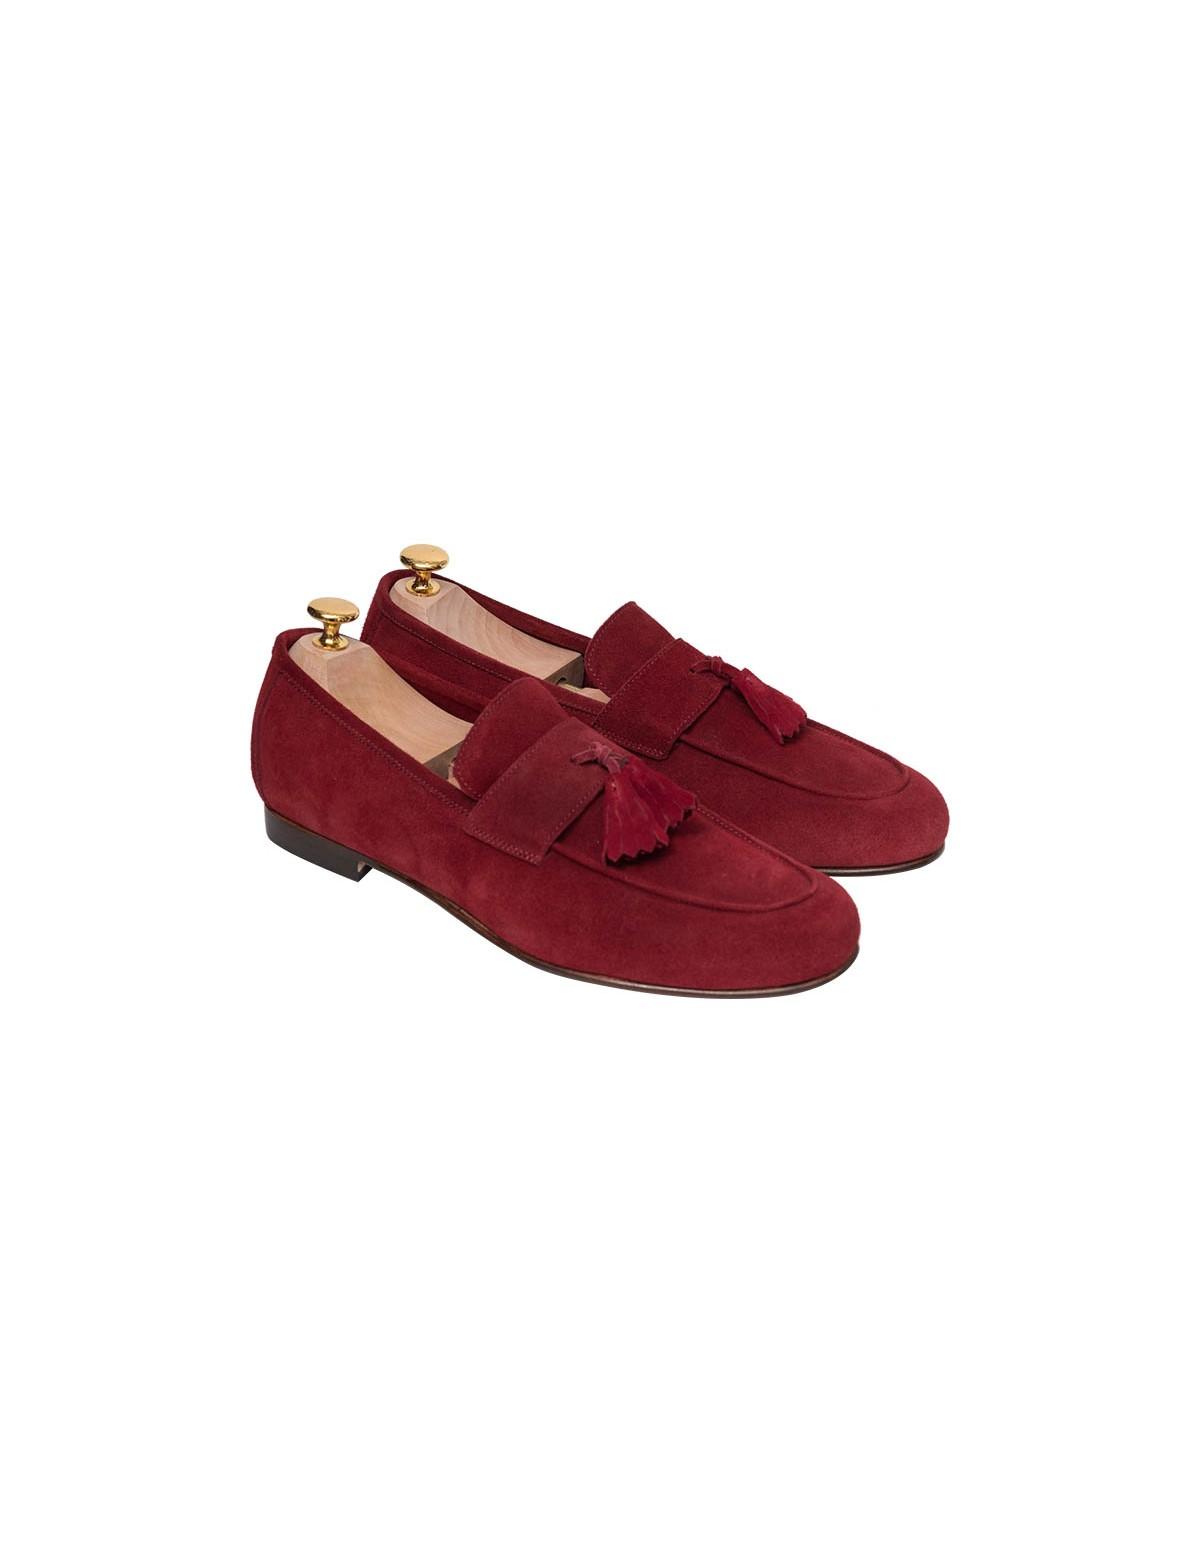 Παπούτσια Tassel Loafers Bordeaux